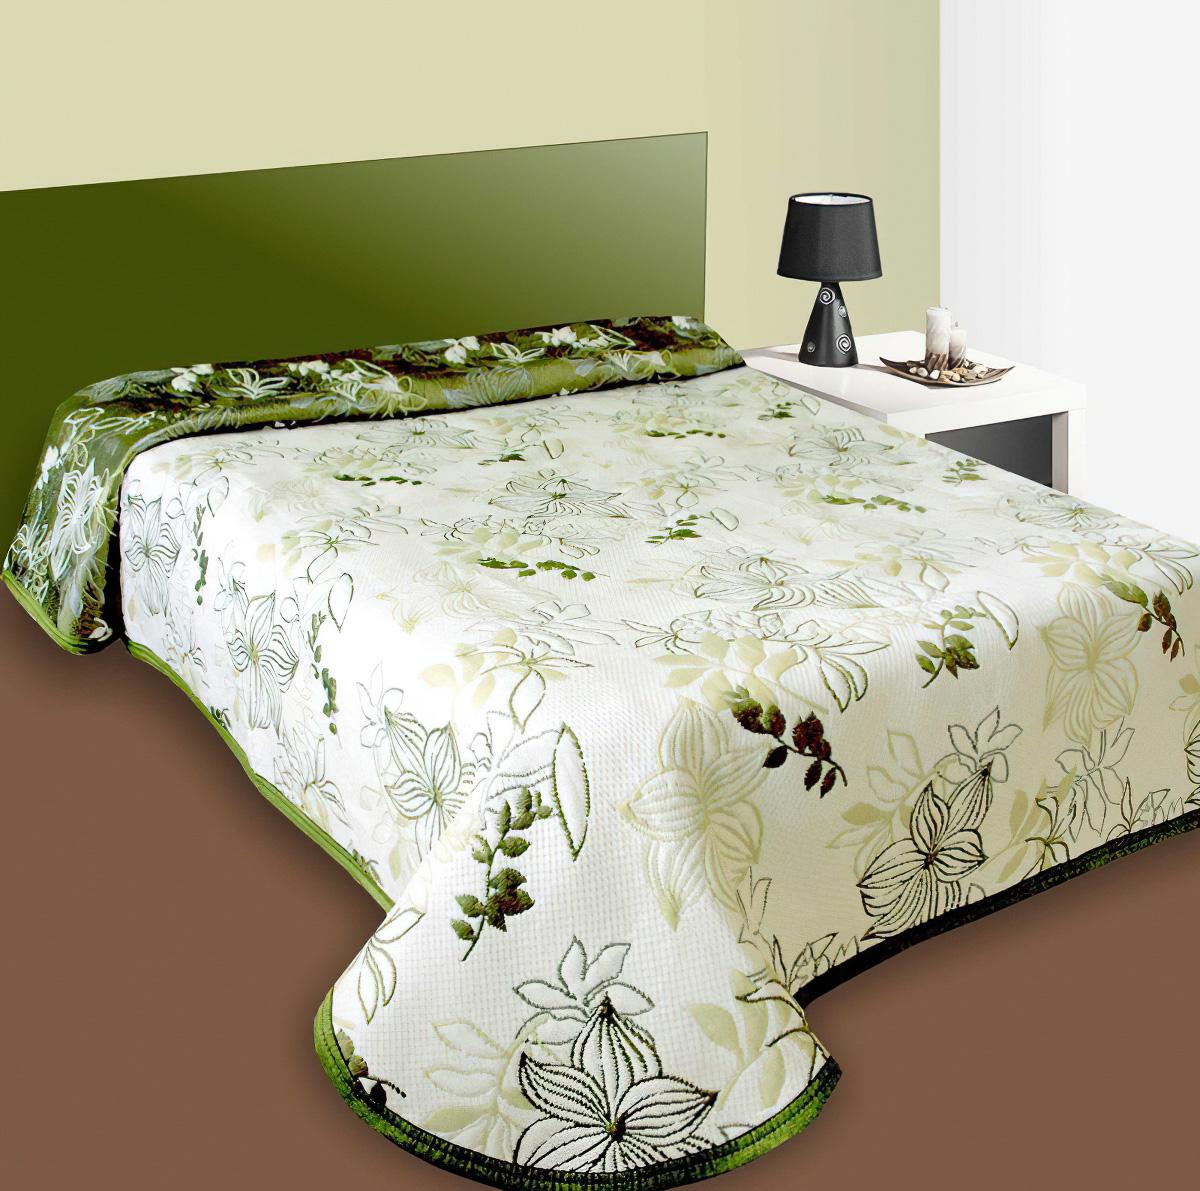 Forbyt Přehoz na postel LISABON bílý/zelený s listy, 140x220cm, jednolůžkový